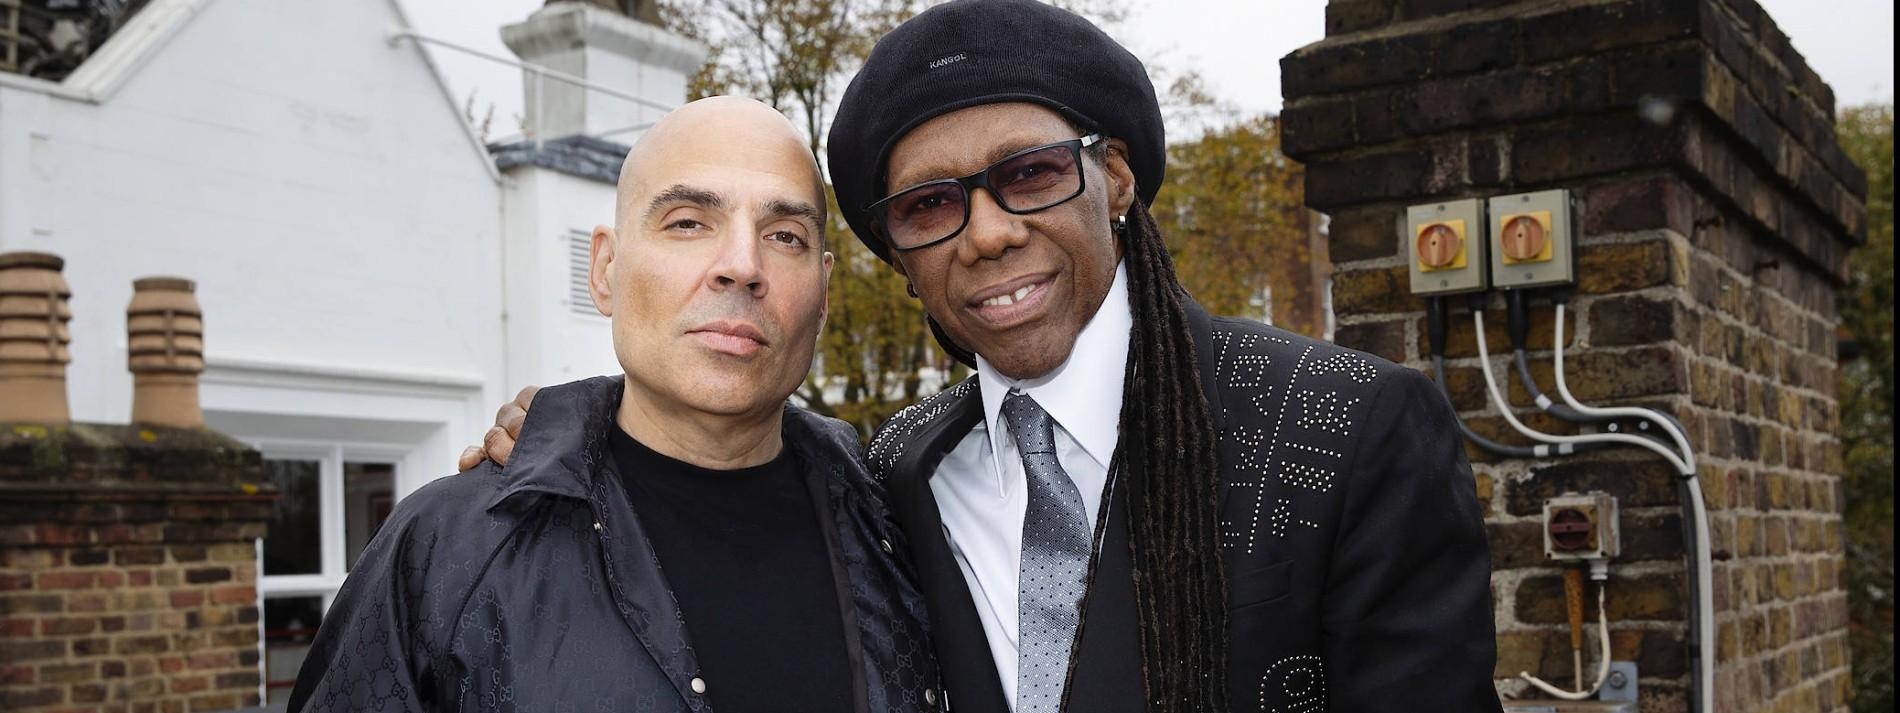 Musikverrückte Unternehmer erzielen Rendite mit Pophits